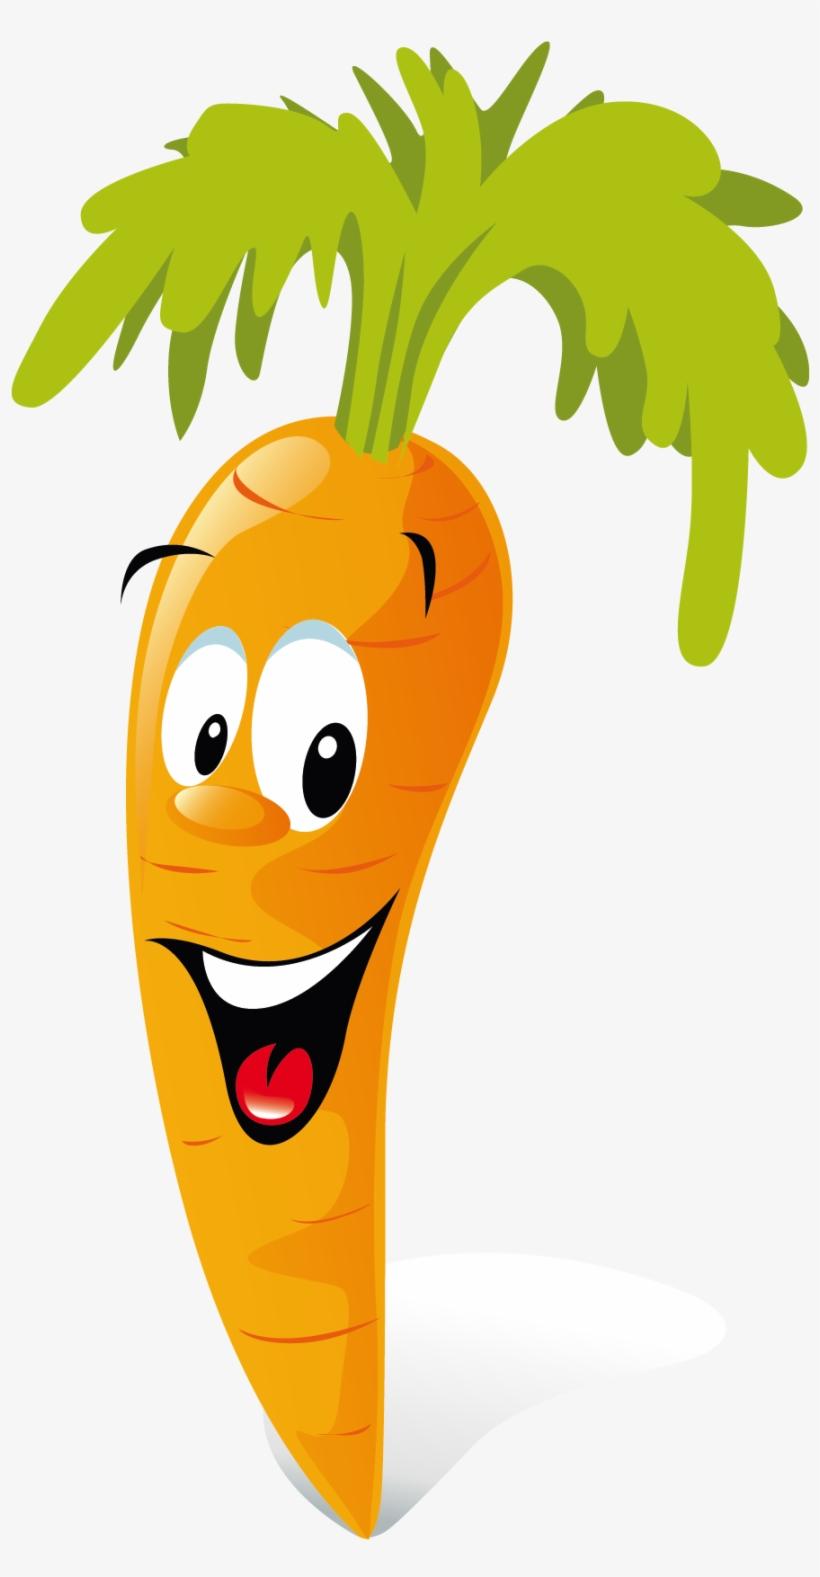 Carrot Animation Vegetable Clip Art.